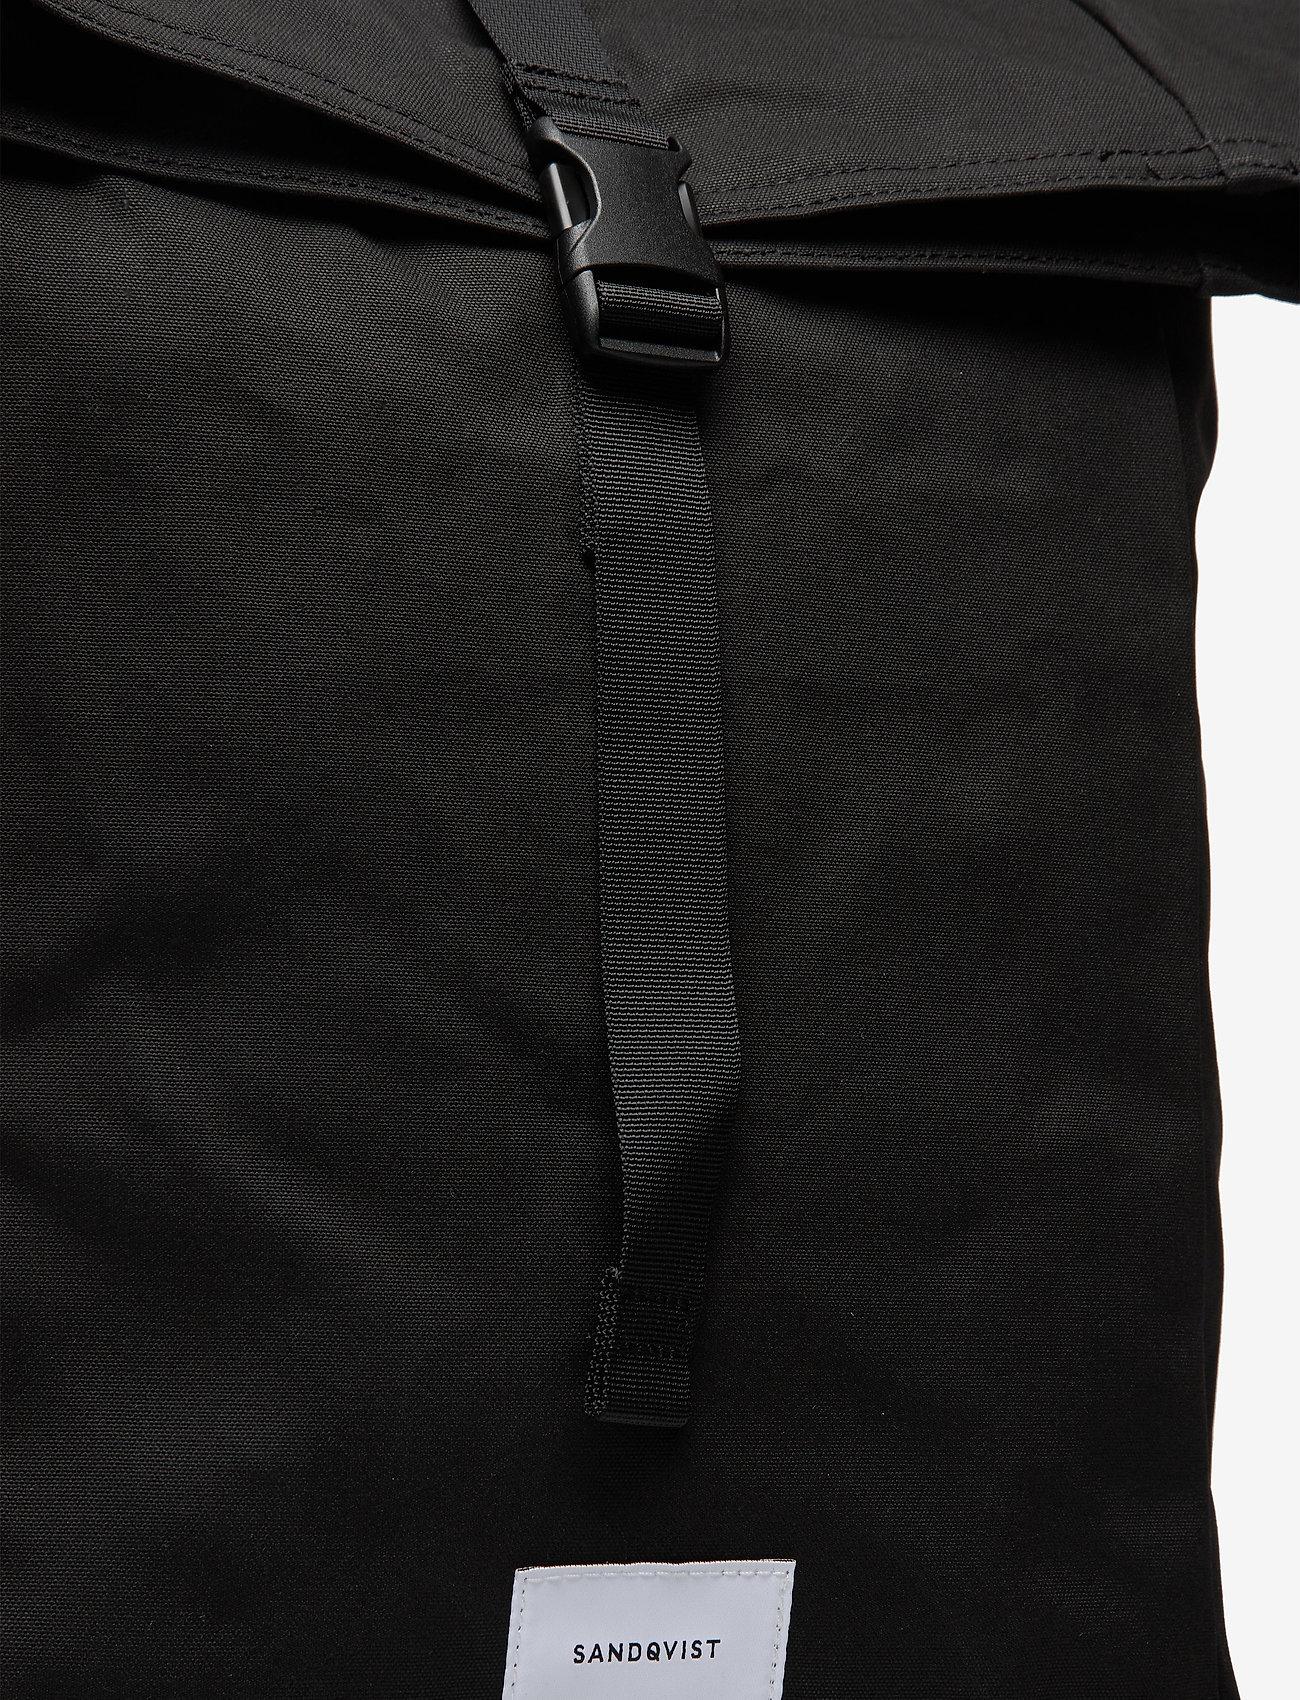 SANDQVIST - KAJ - bags - black with black webbing - 4